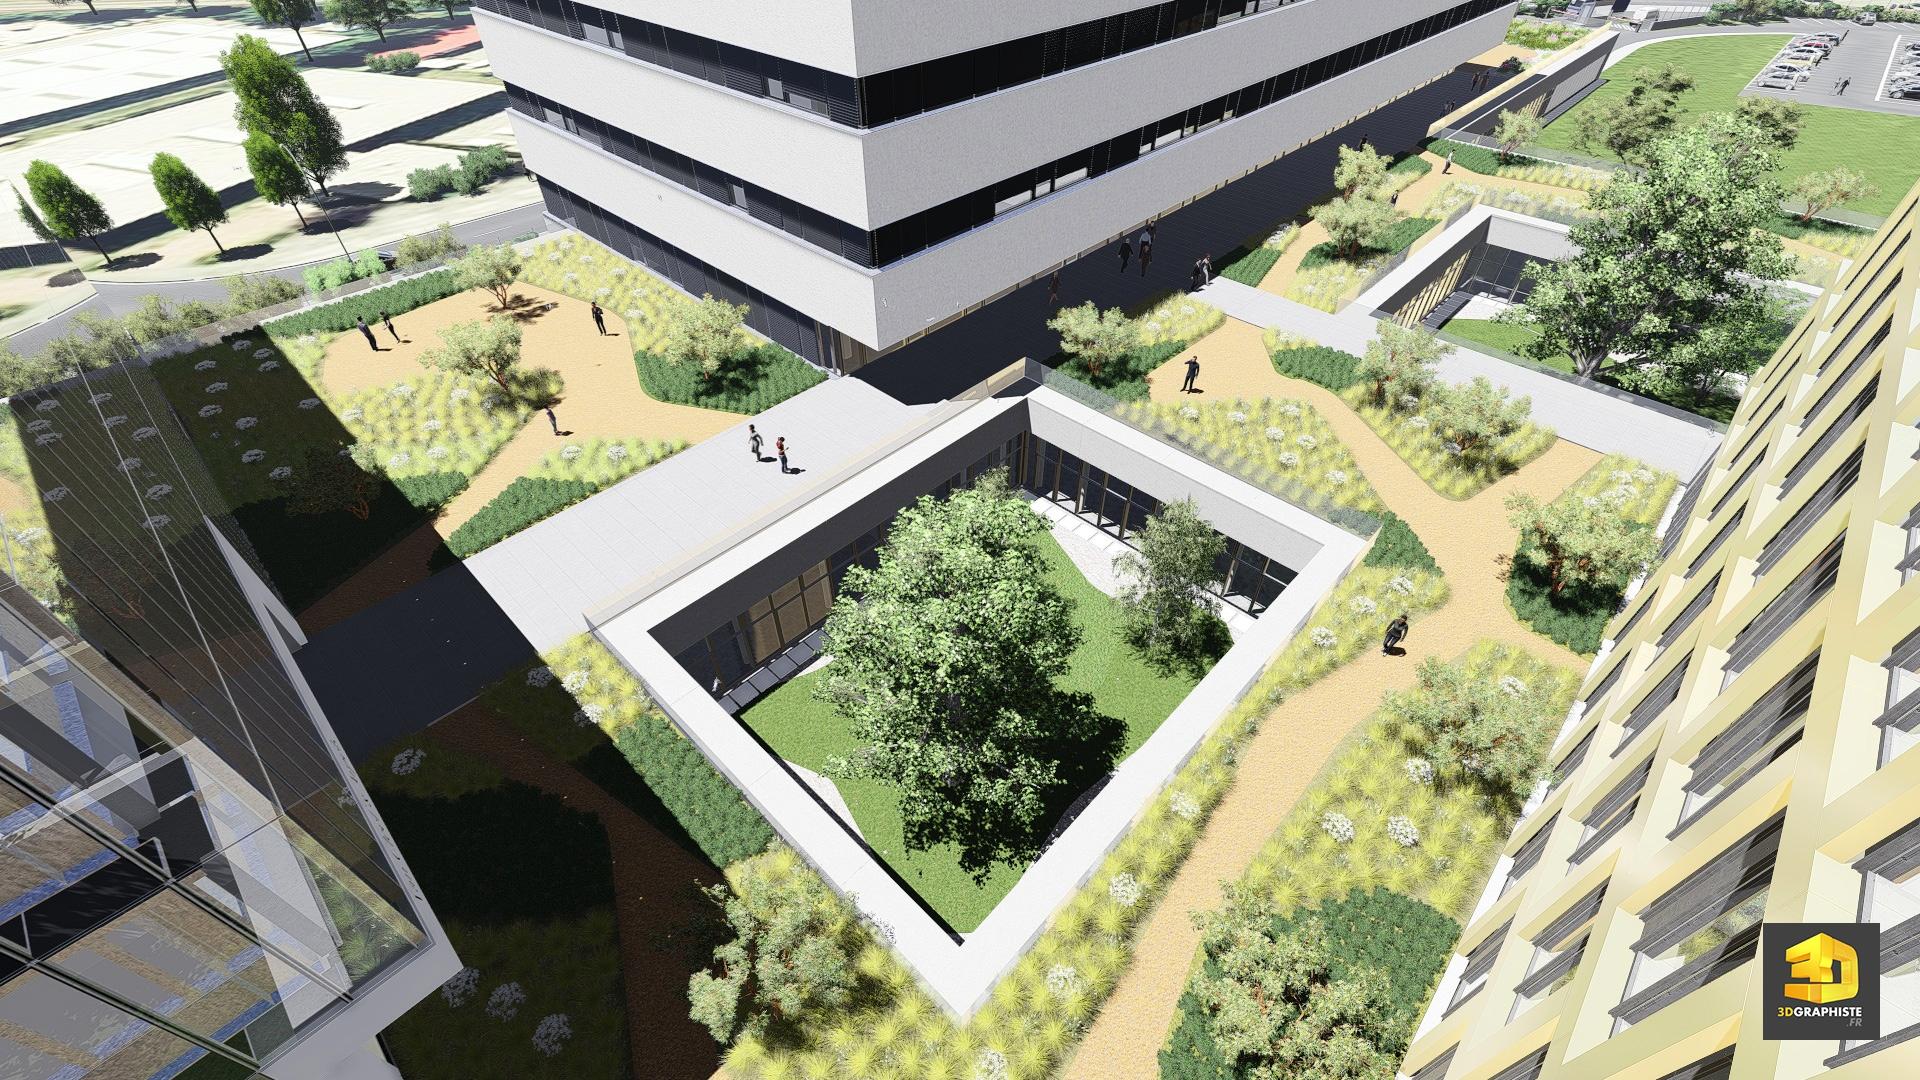 infographiste 3d architecture campus universitaire en 3d 3dgraphiste fr. Black Bedroom Furniture Sets. Home Design Ideas